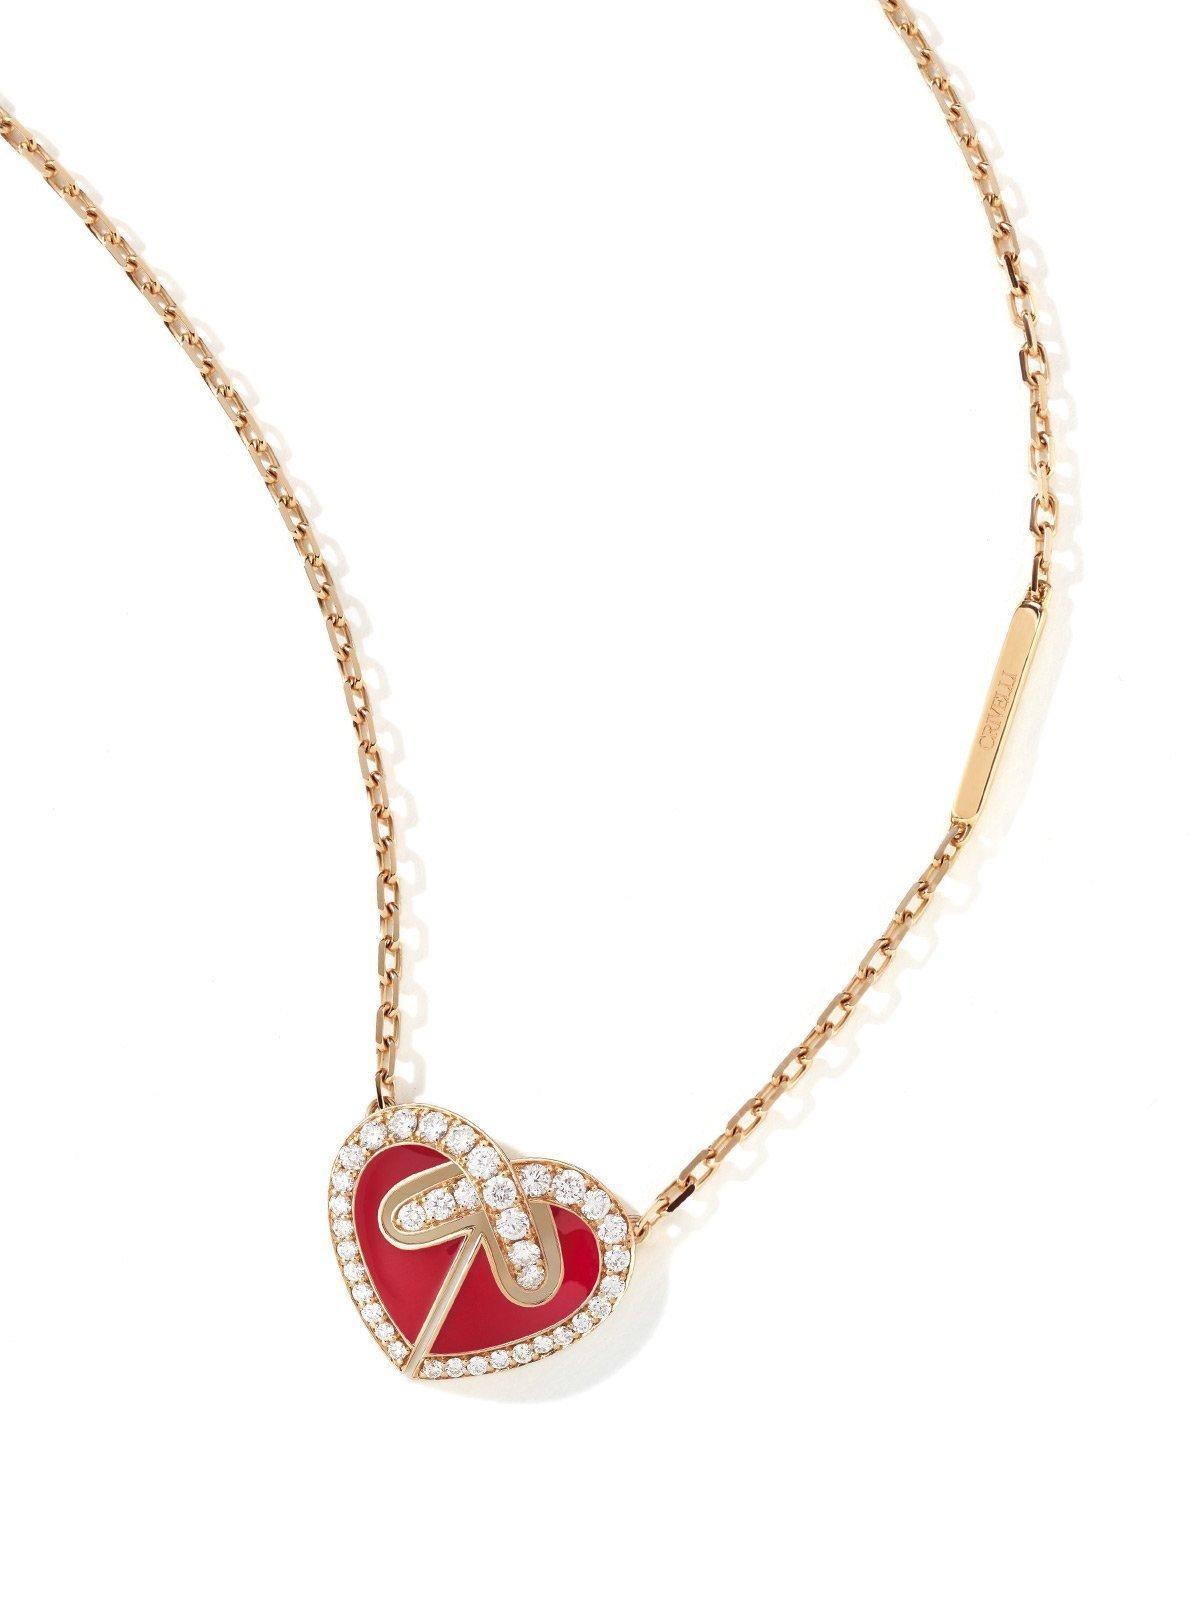 Collana cuore rosso Crivelli | Girocollo UNIONE Collezione ORA PIÙ CHE MAI